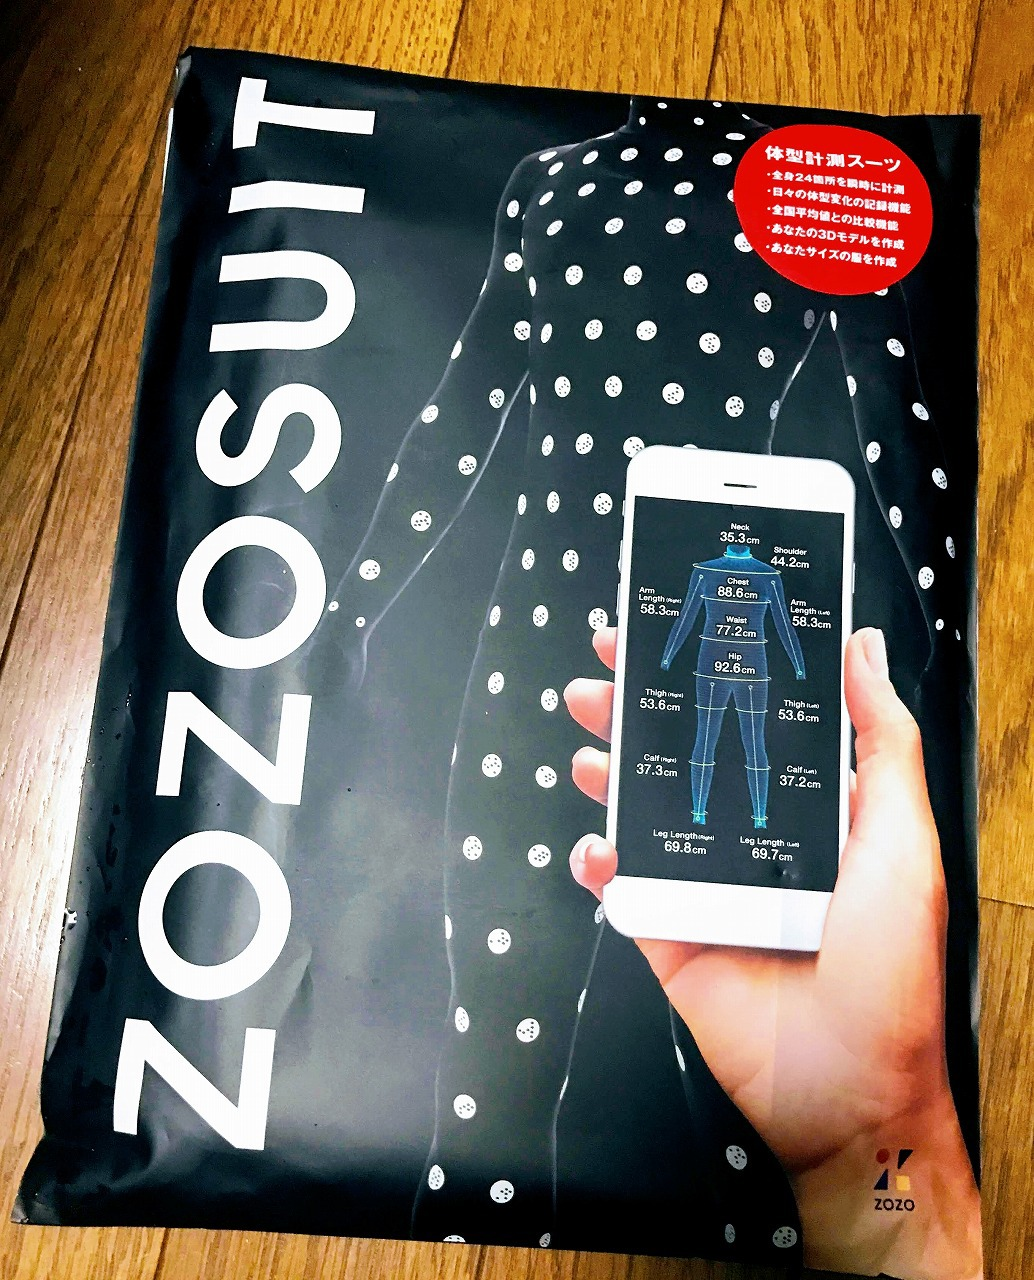 採寸ボディースーツ「ZOZOSUIT(ゾゾスーツ)」が届いていたので開封レポート♪